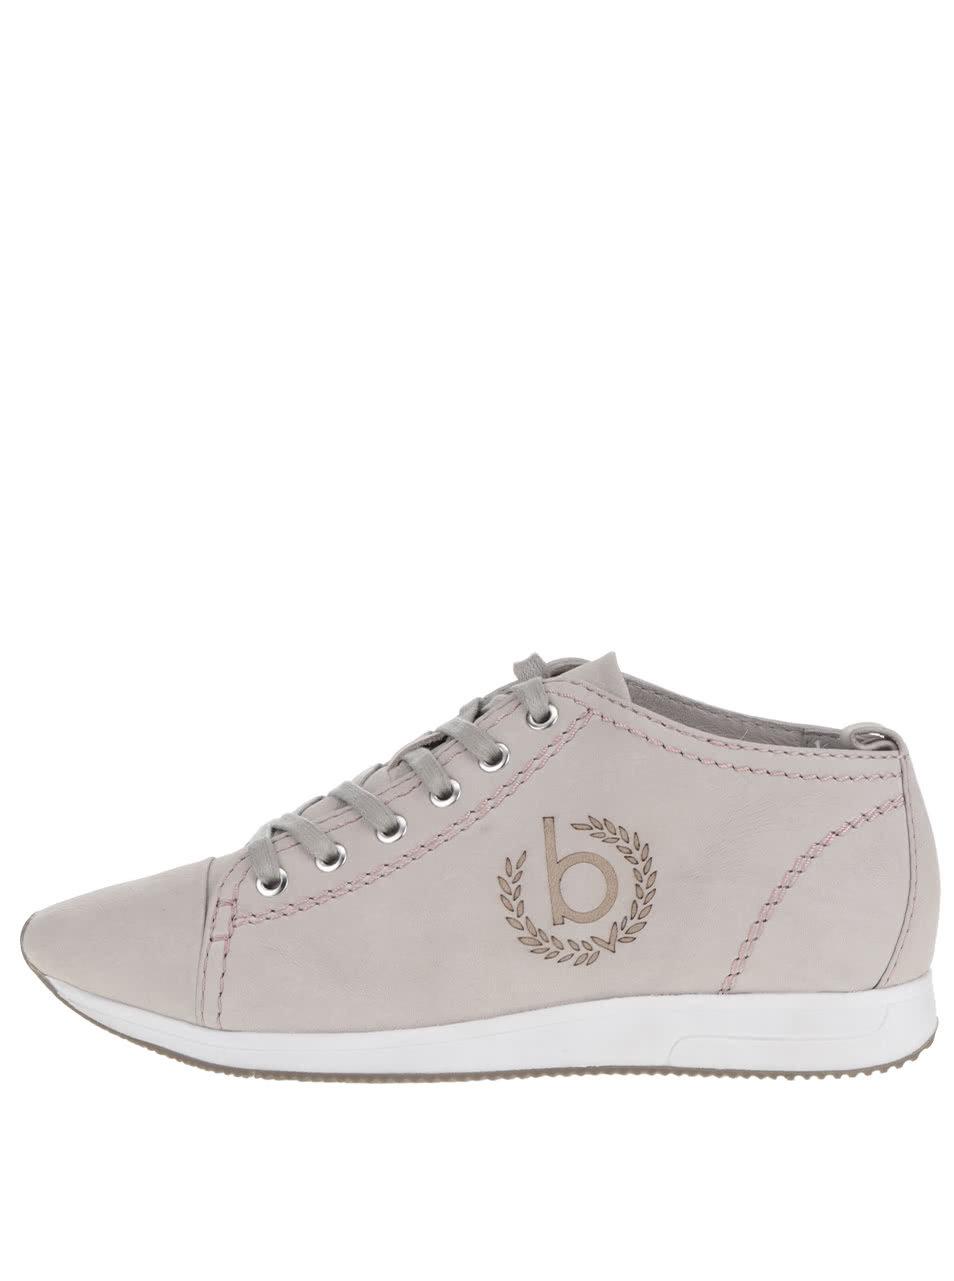 Sivé dámske kožené členkové topánky s potlačou loga bugatti Fina ... a66817eb074